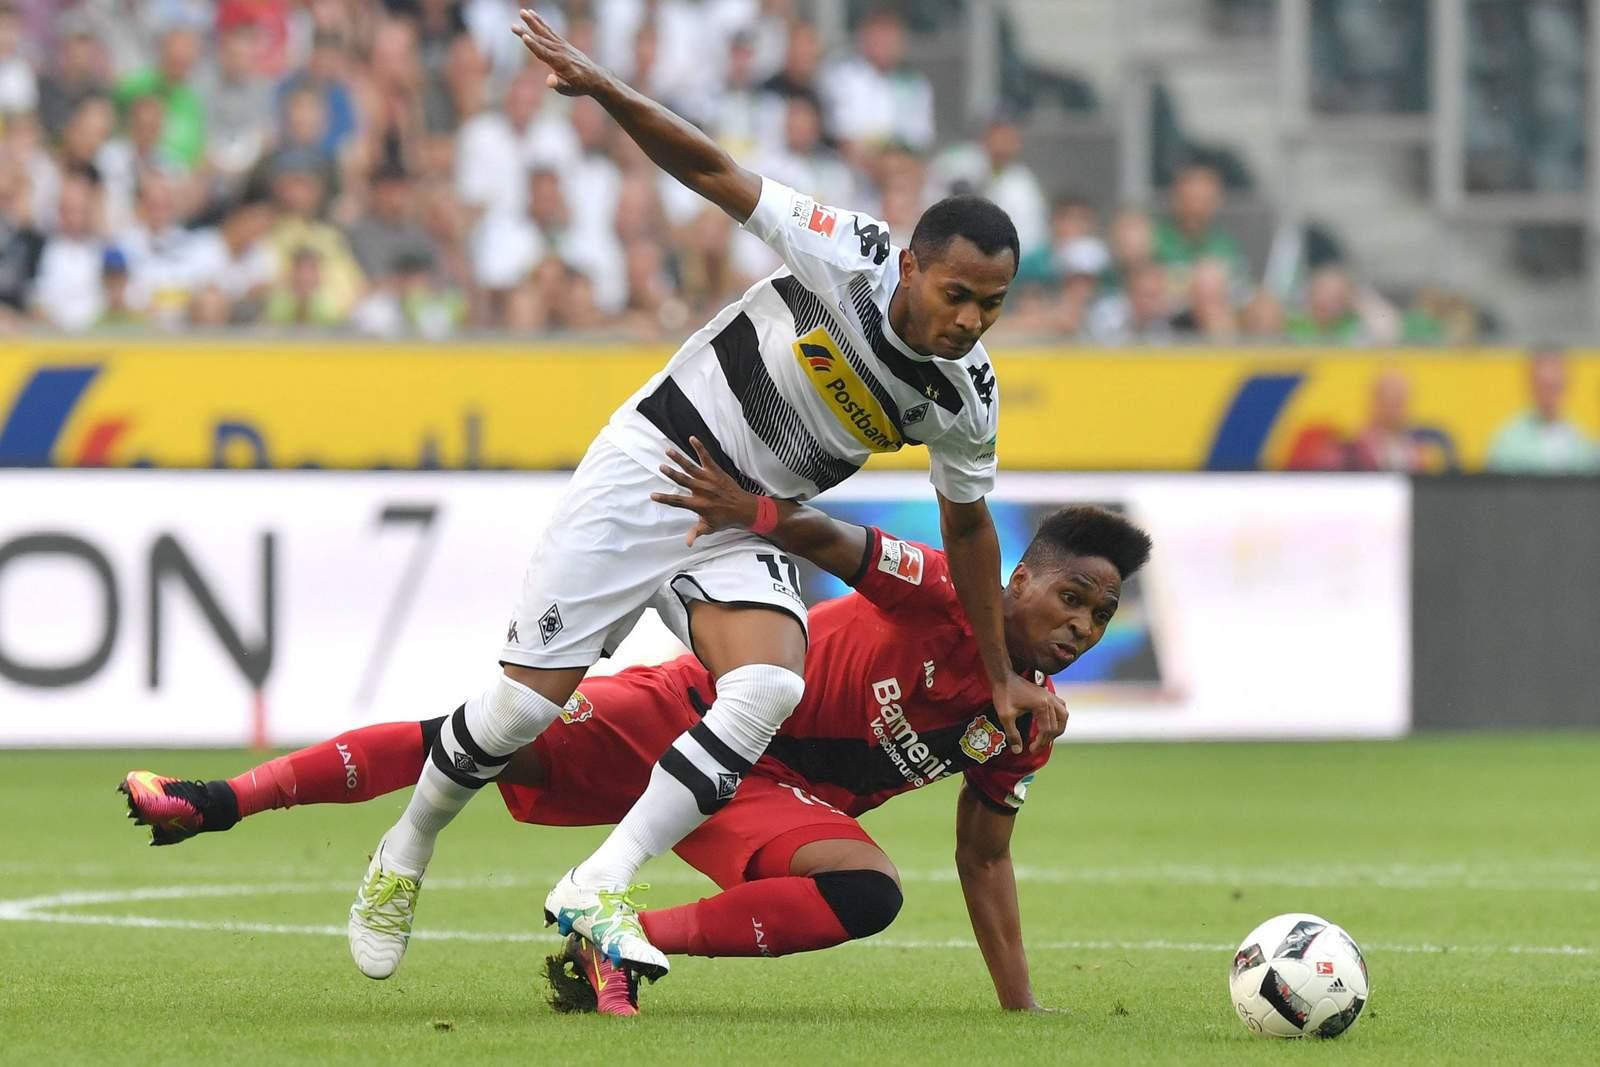 Setzt sich Raffael wieder gegen Wendell durch? Jetzt auf Gladbach gegen Leverkusen wetten